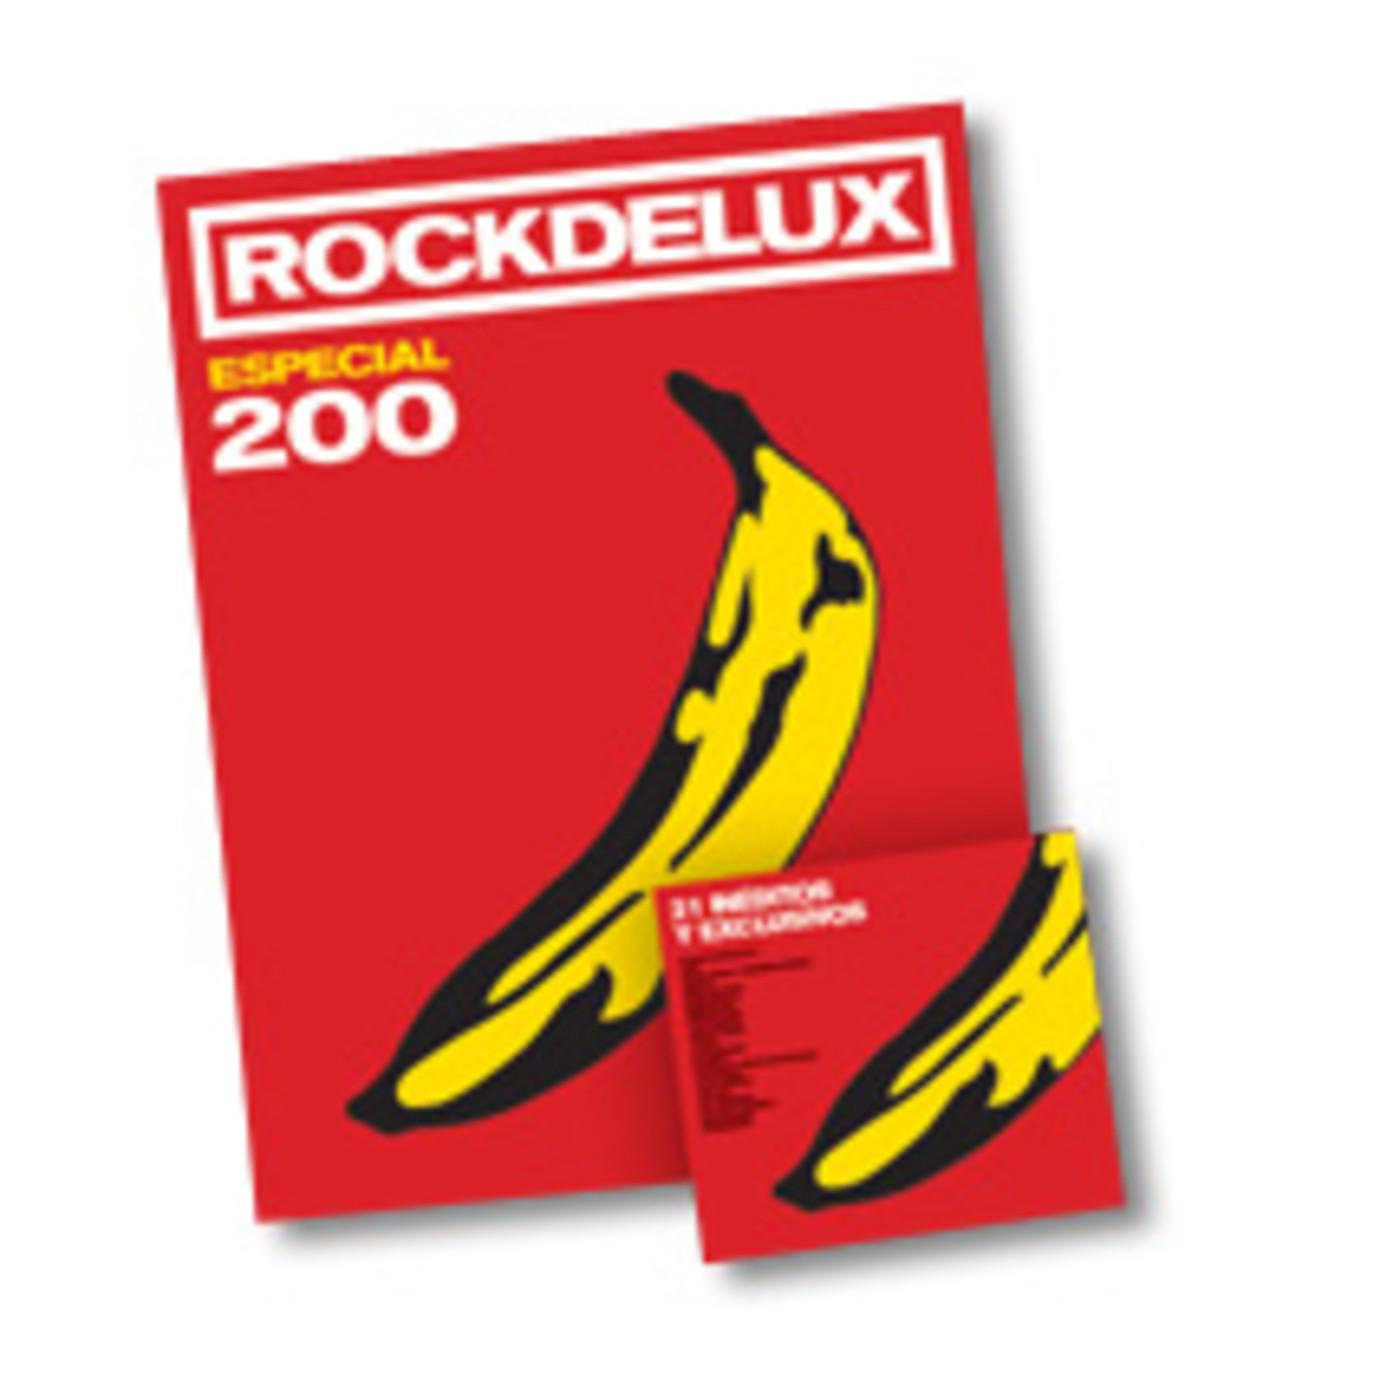 Adiós y gracias a Rockdelux